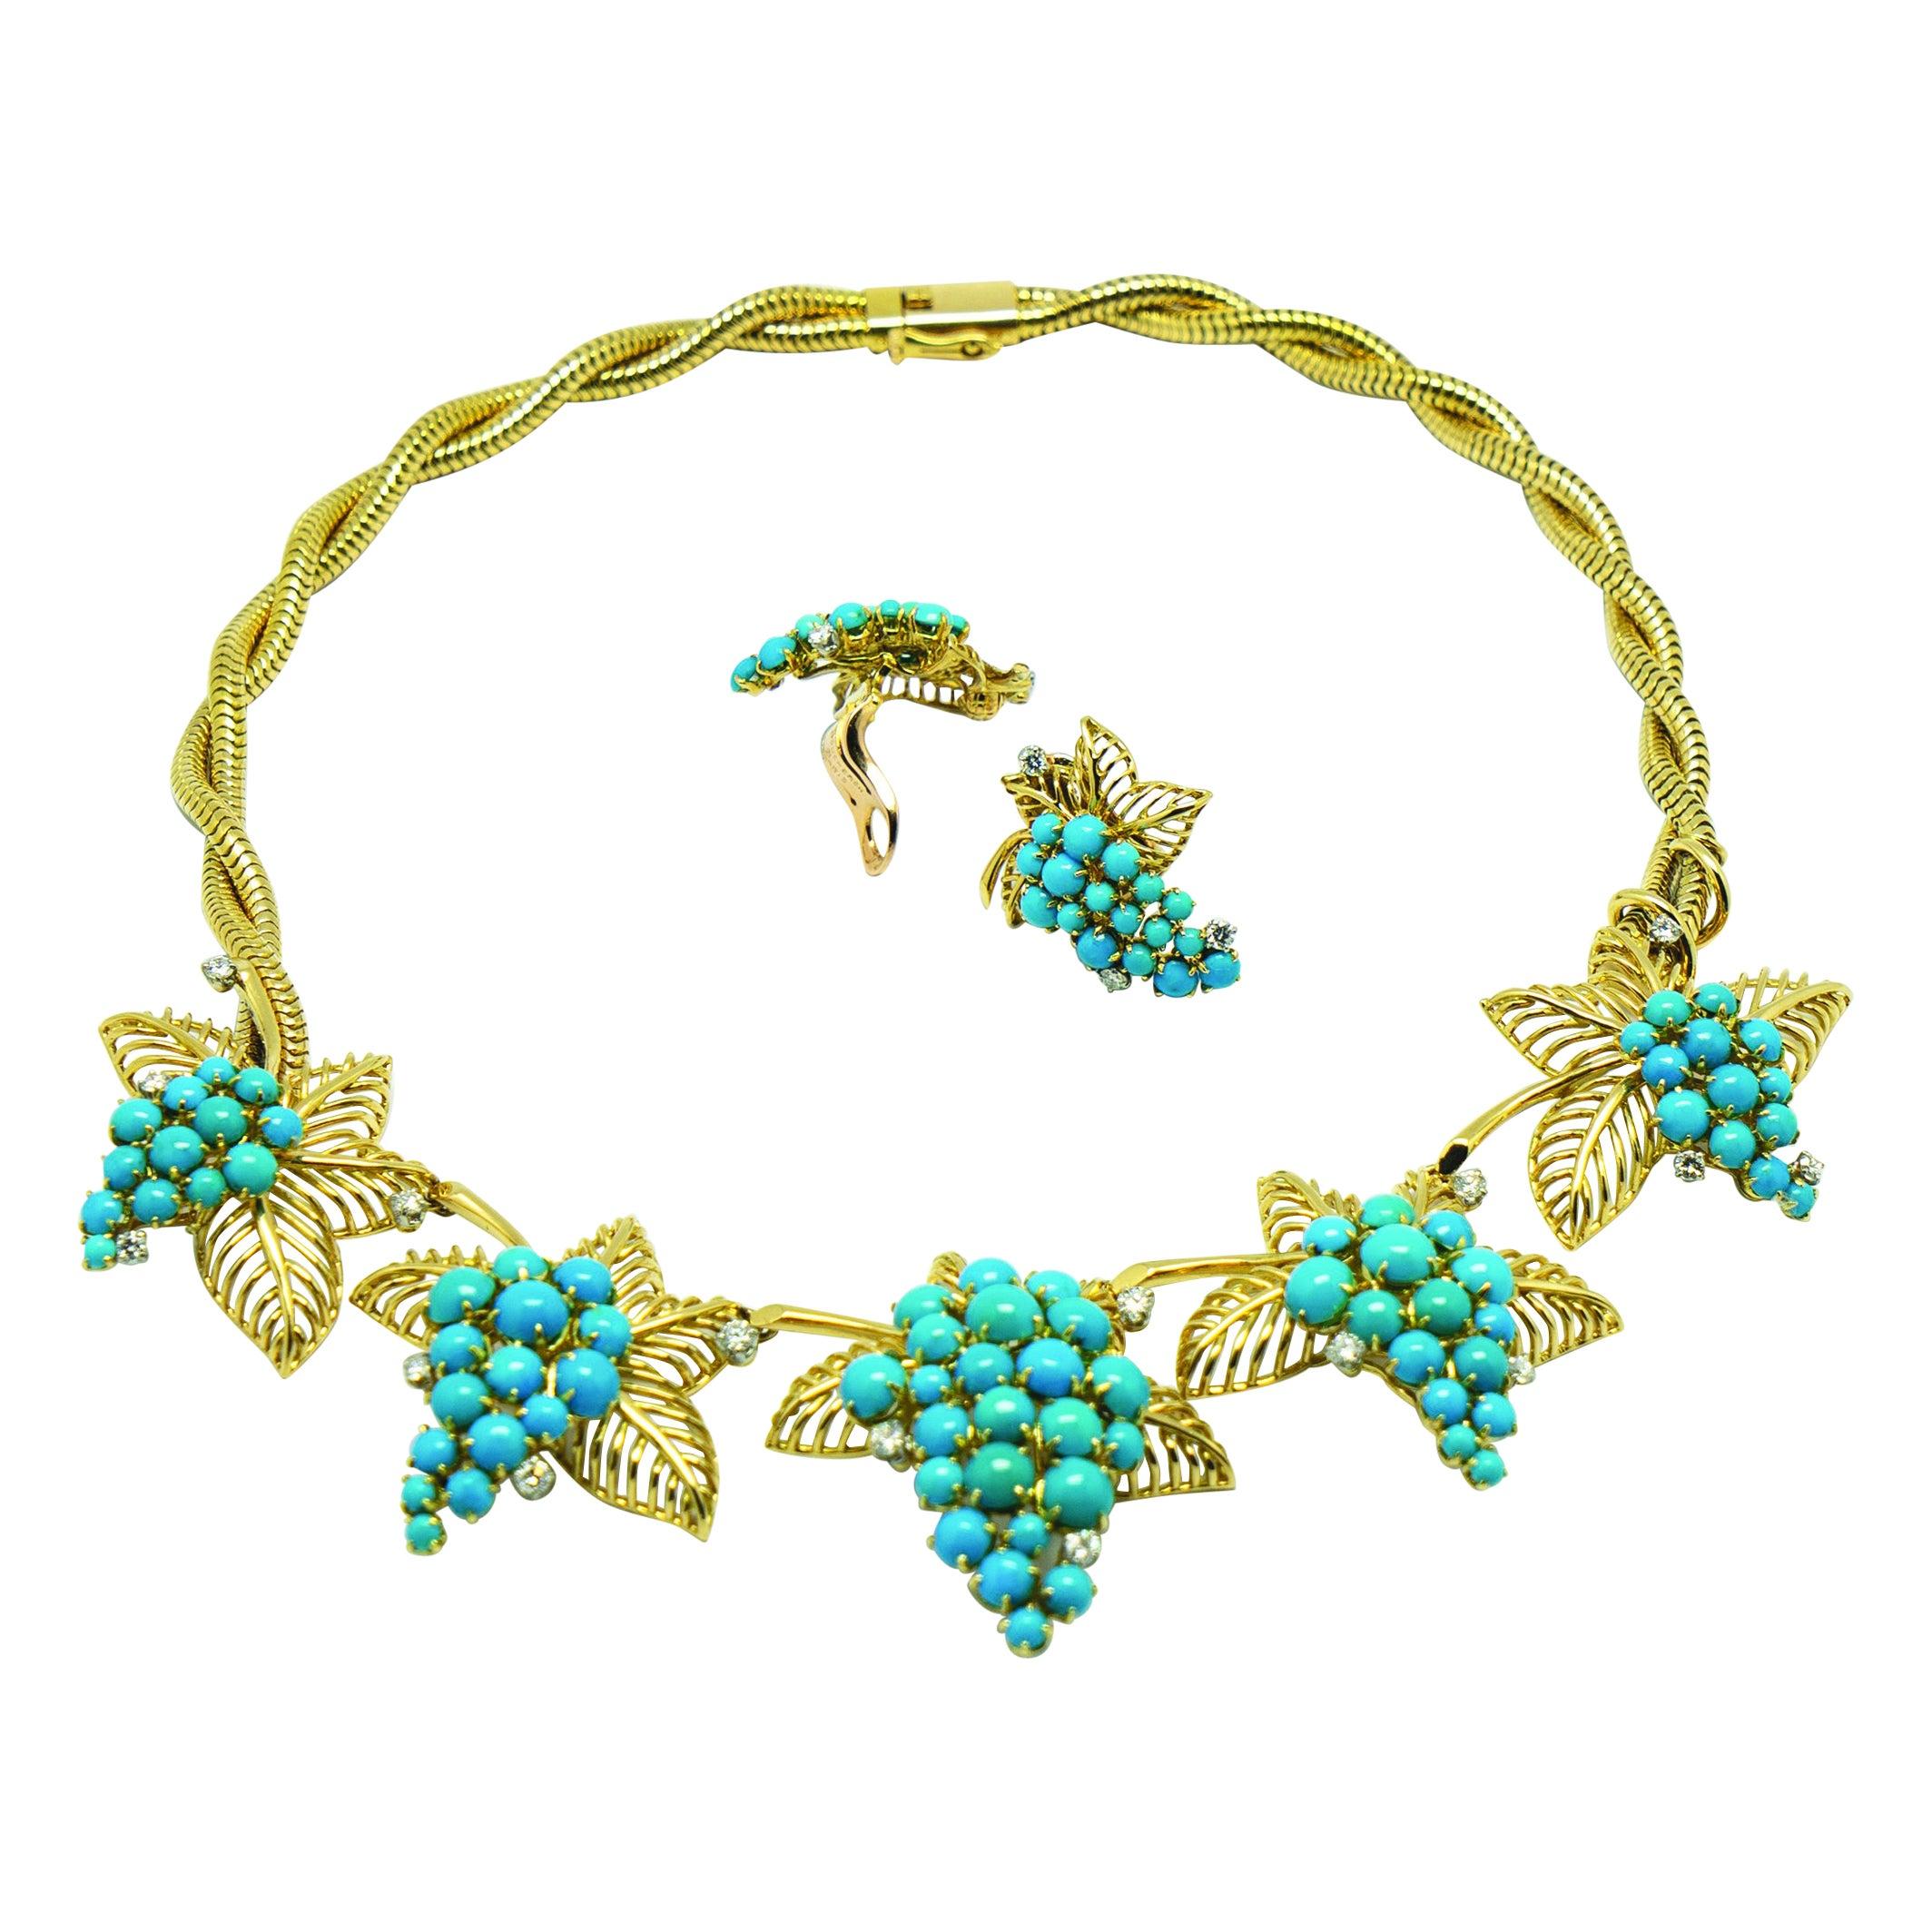 Boucheron Paris Turquoise Diamond Gold Necklace Earrings Set, 1950s